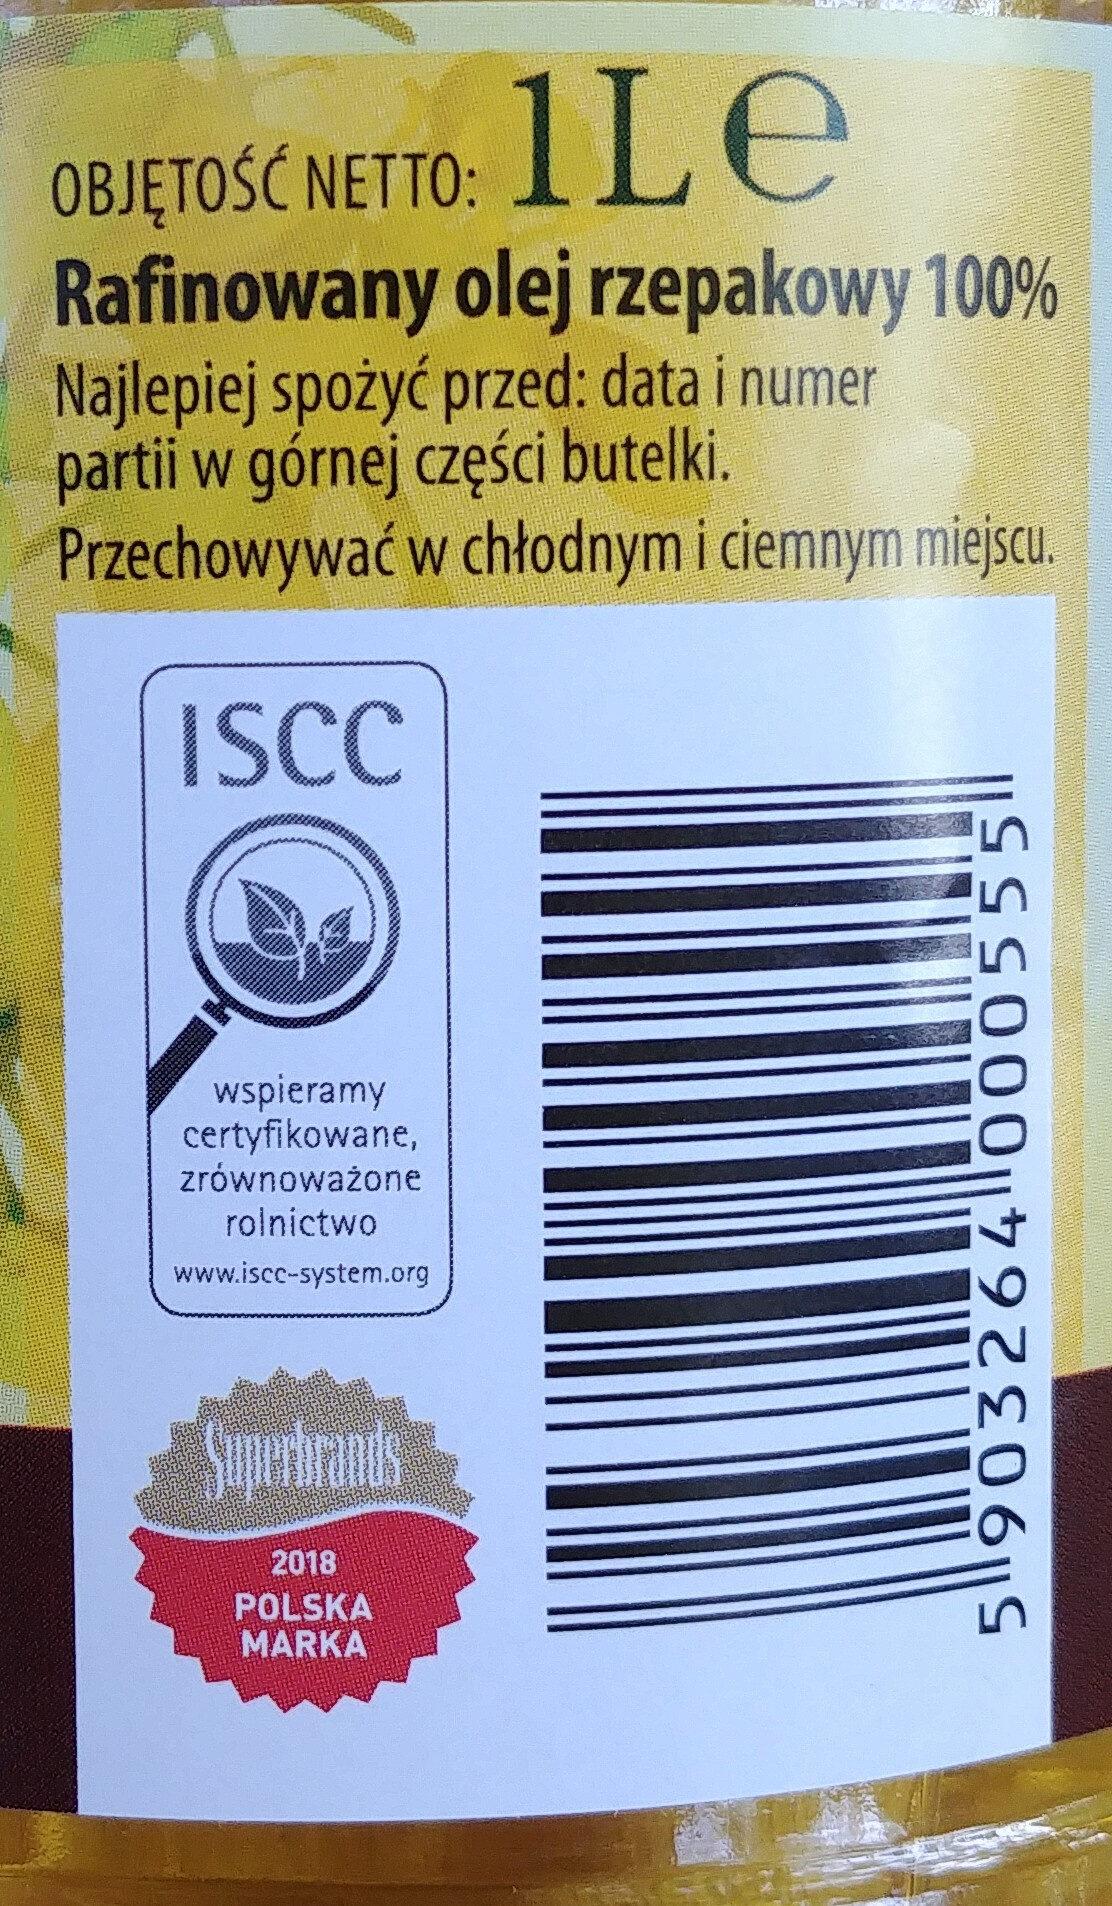 Wielkopolski olej rzepakowy tłoczony tylko raz, rafinowany. - Składniki - pl